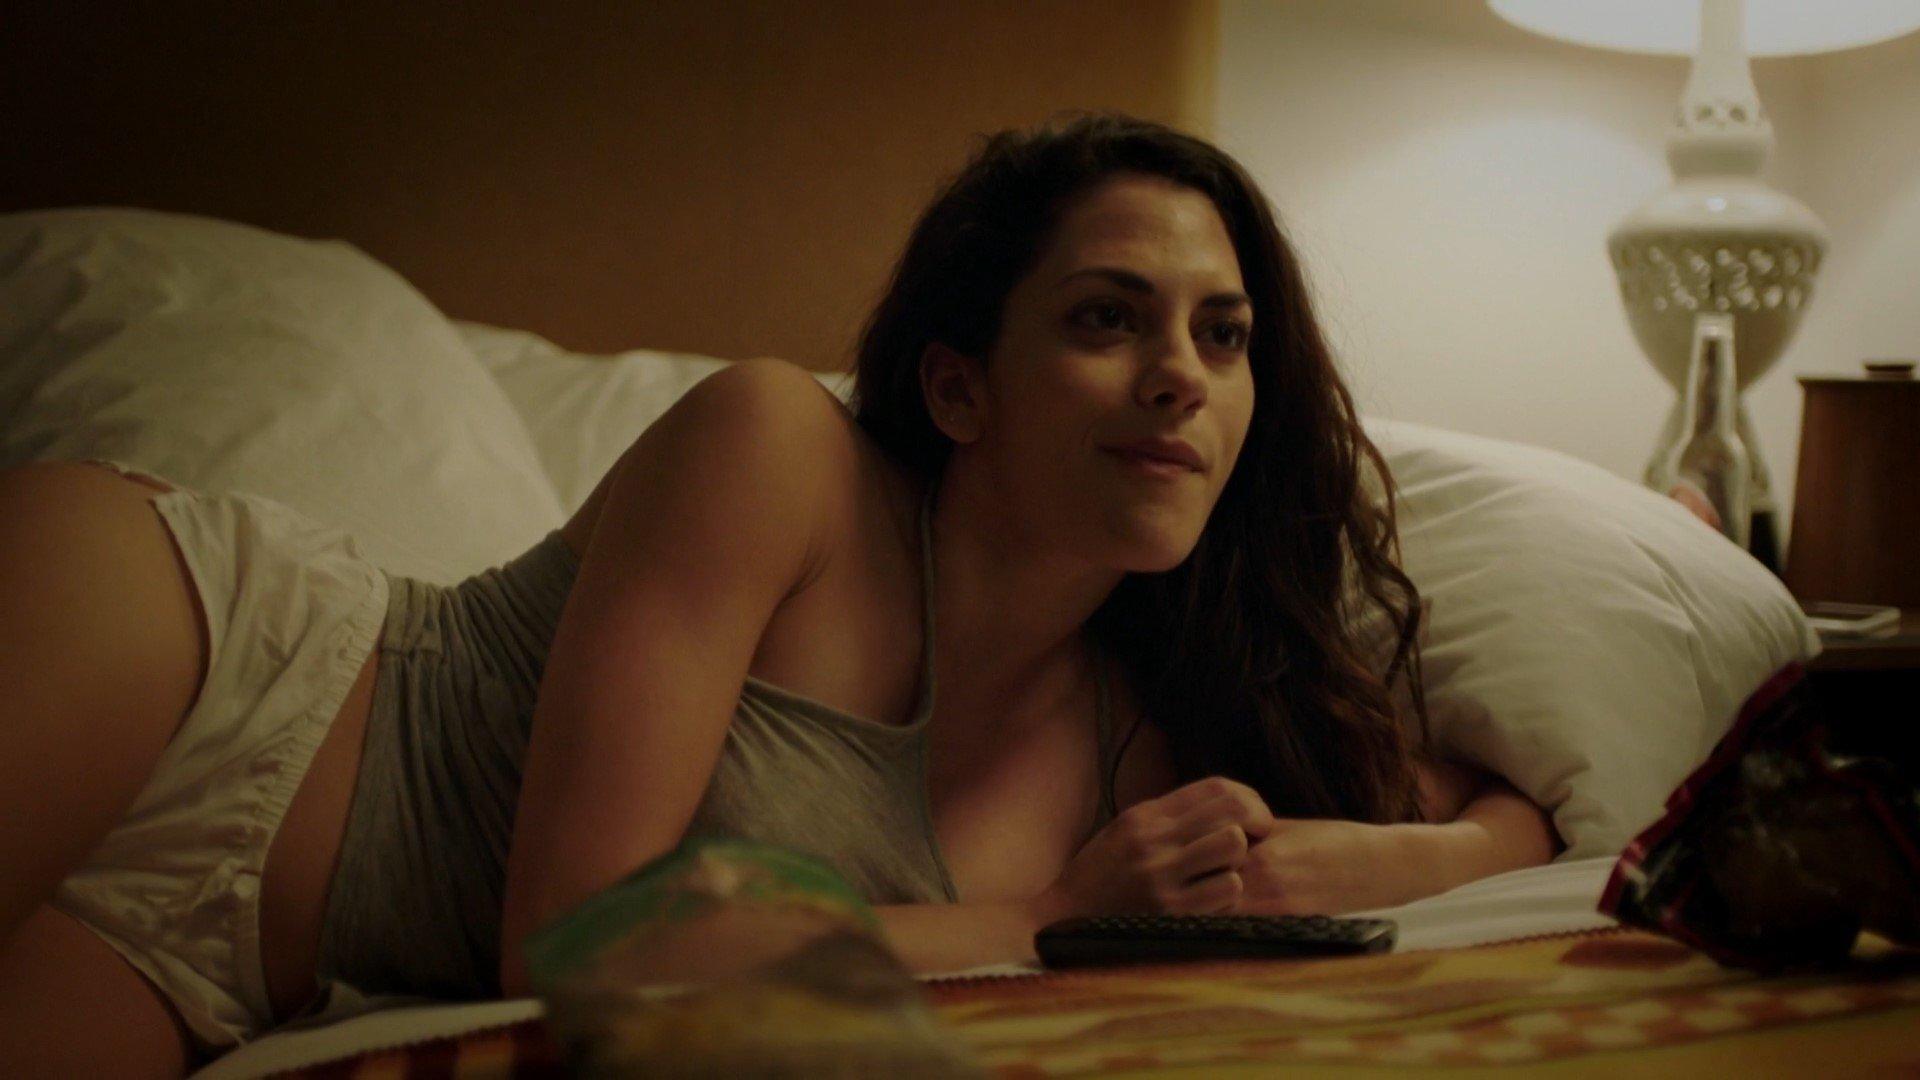 israeli actress nude scene